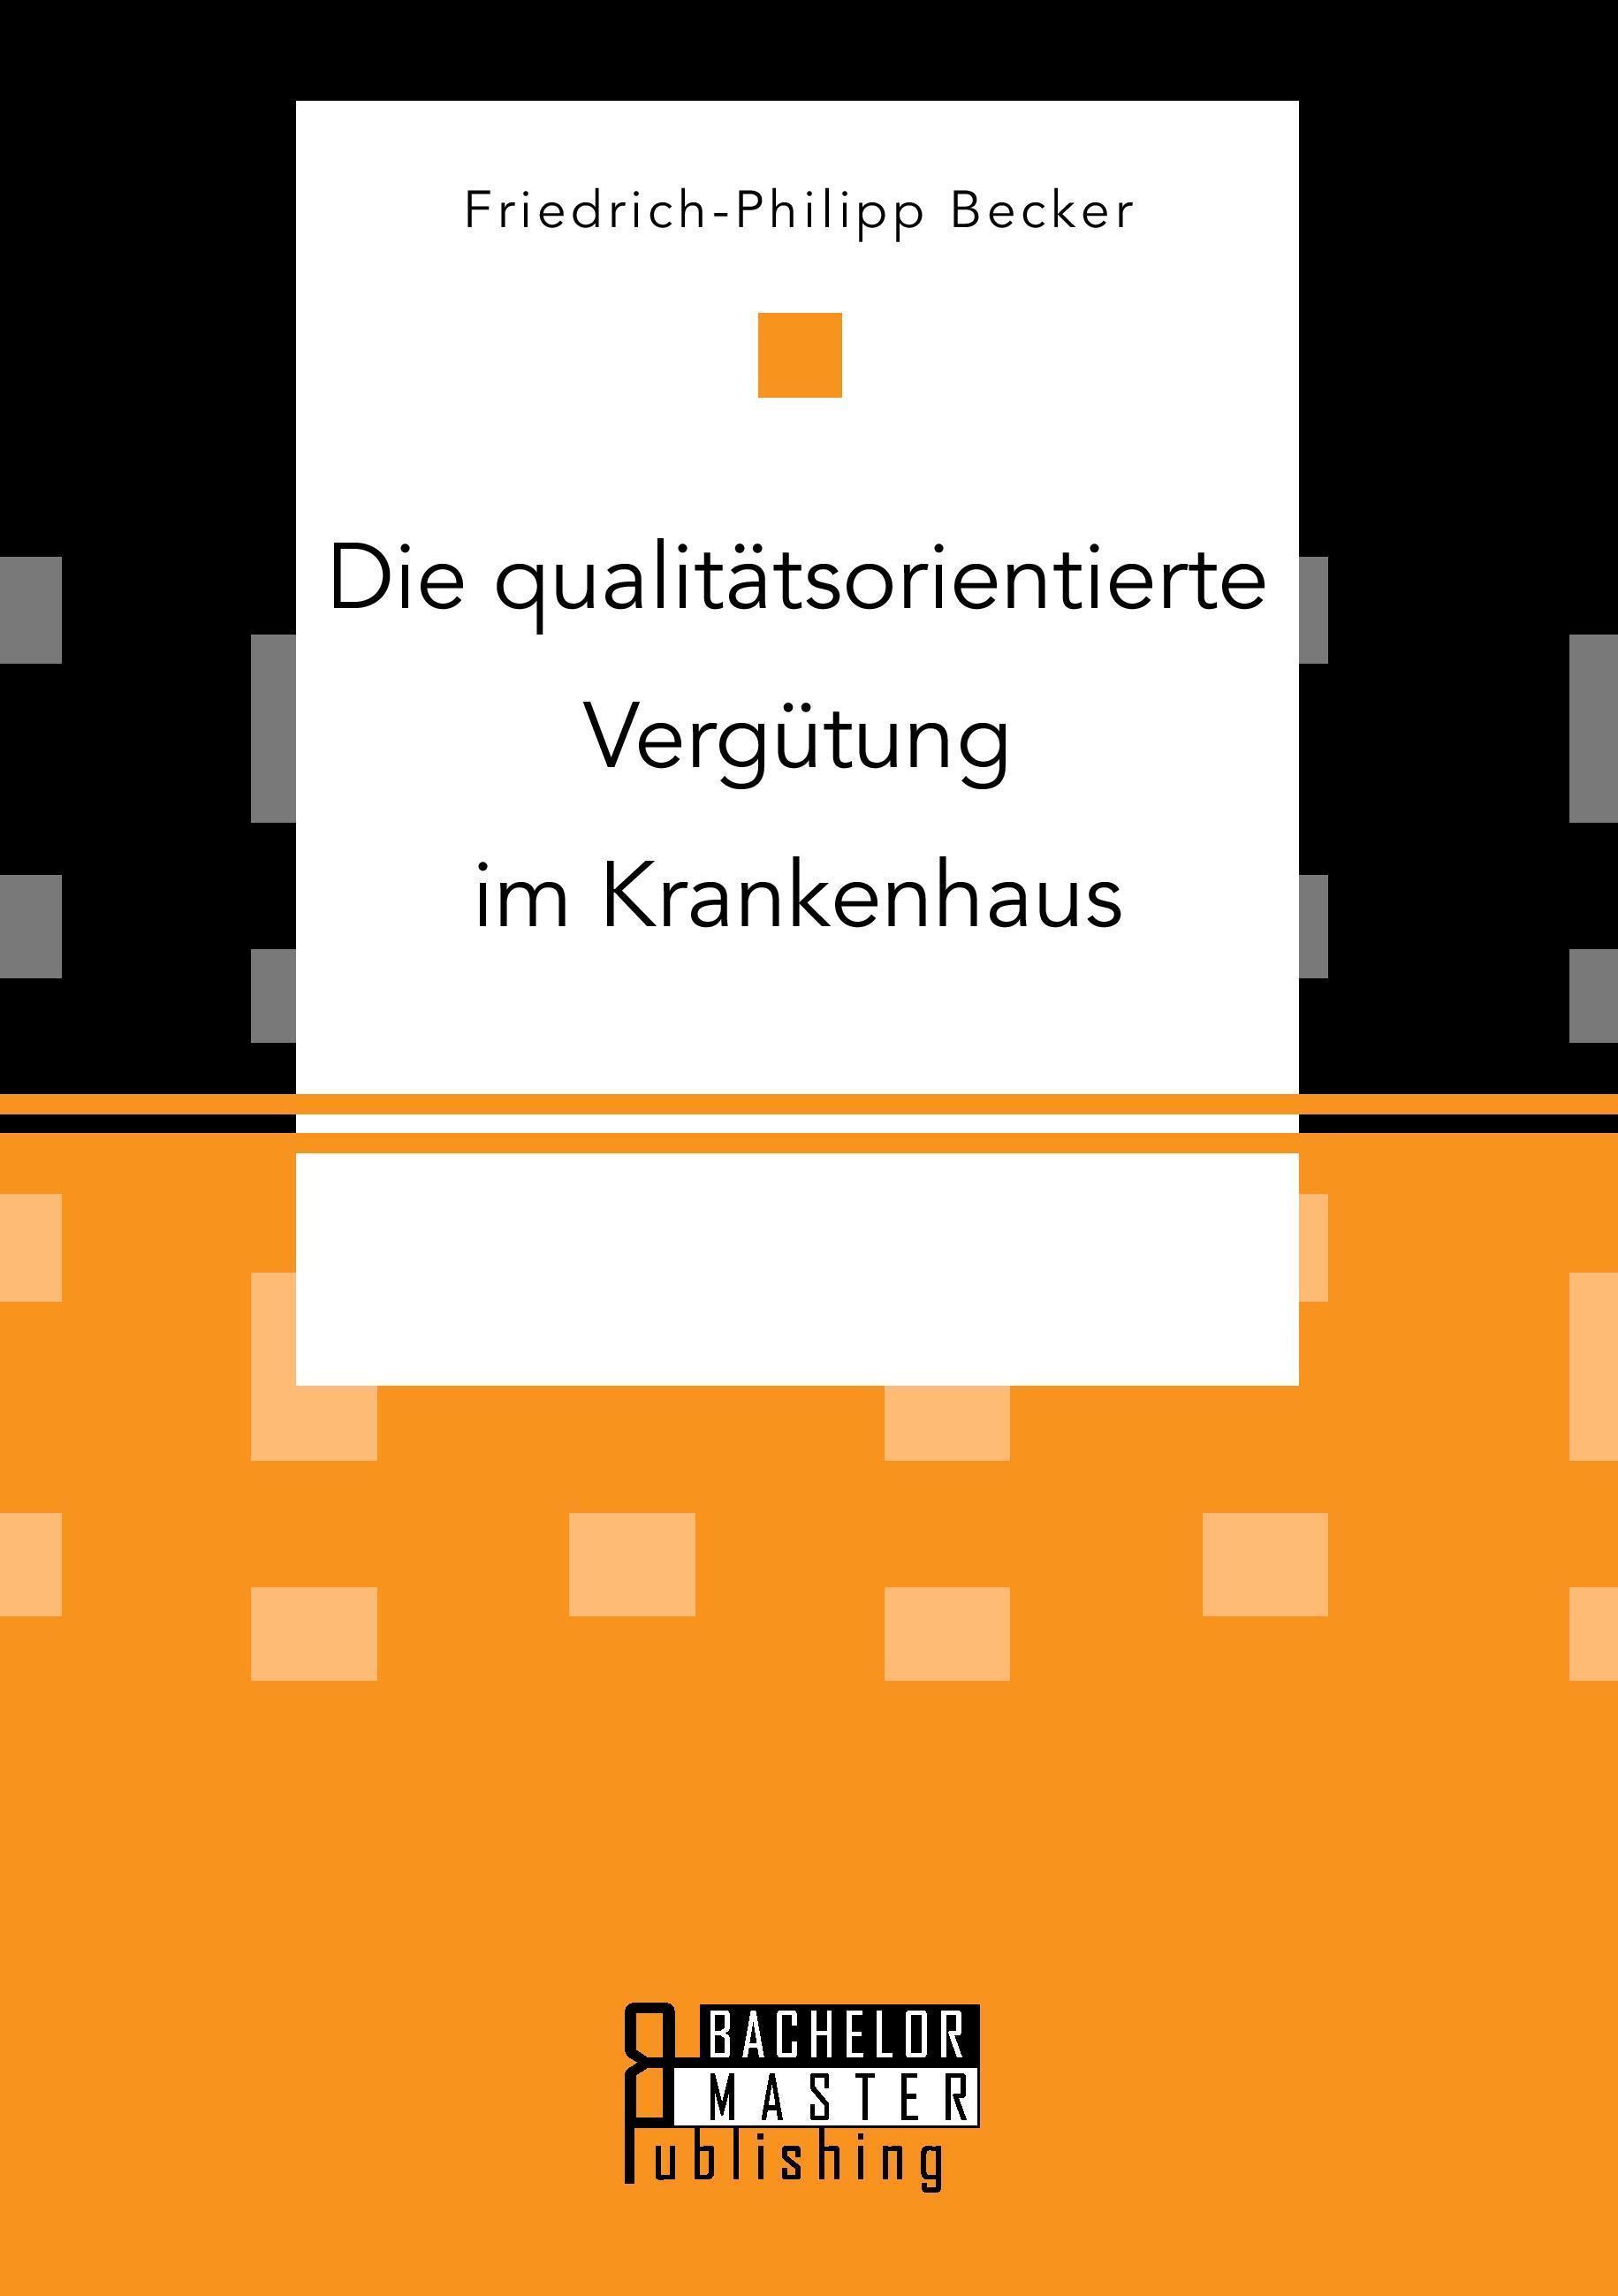 Die-qualitaetsorientierte-Verguetung-im-Krankenhaus-Friedrich-Philipp-Becker